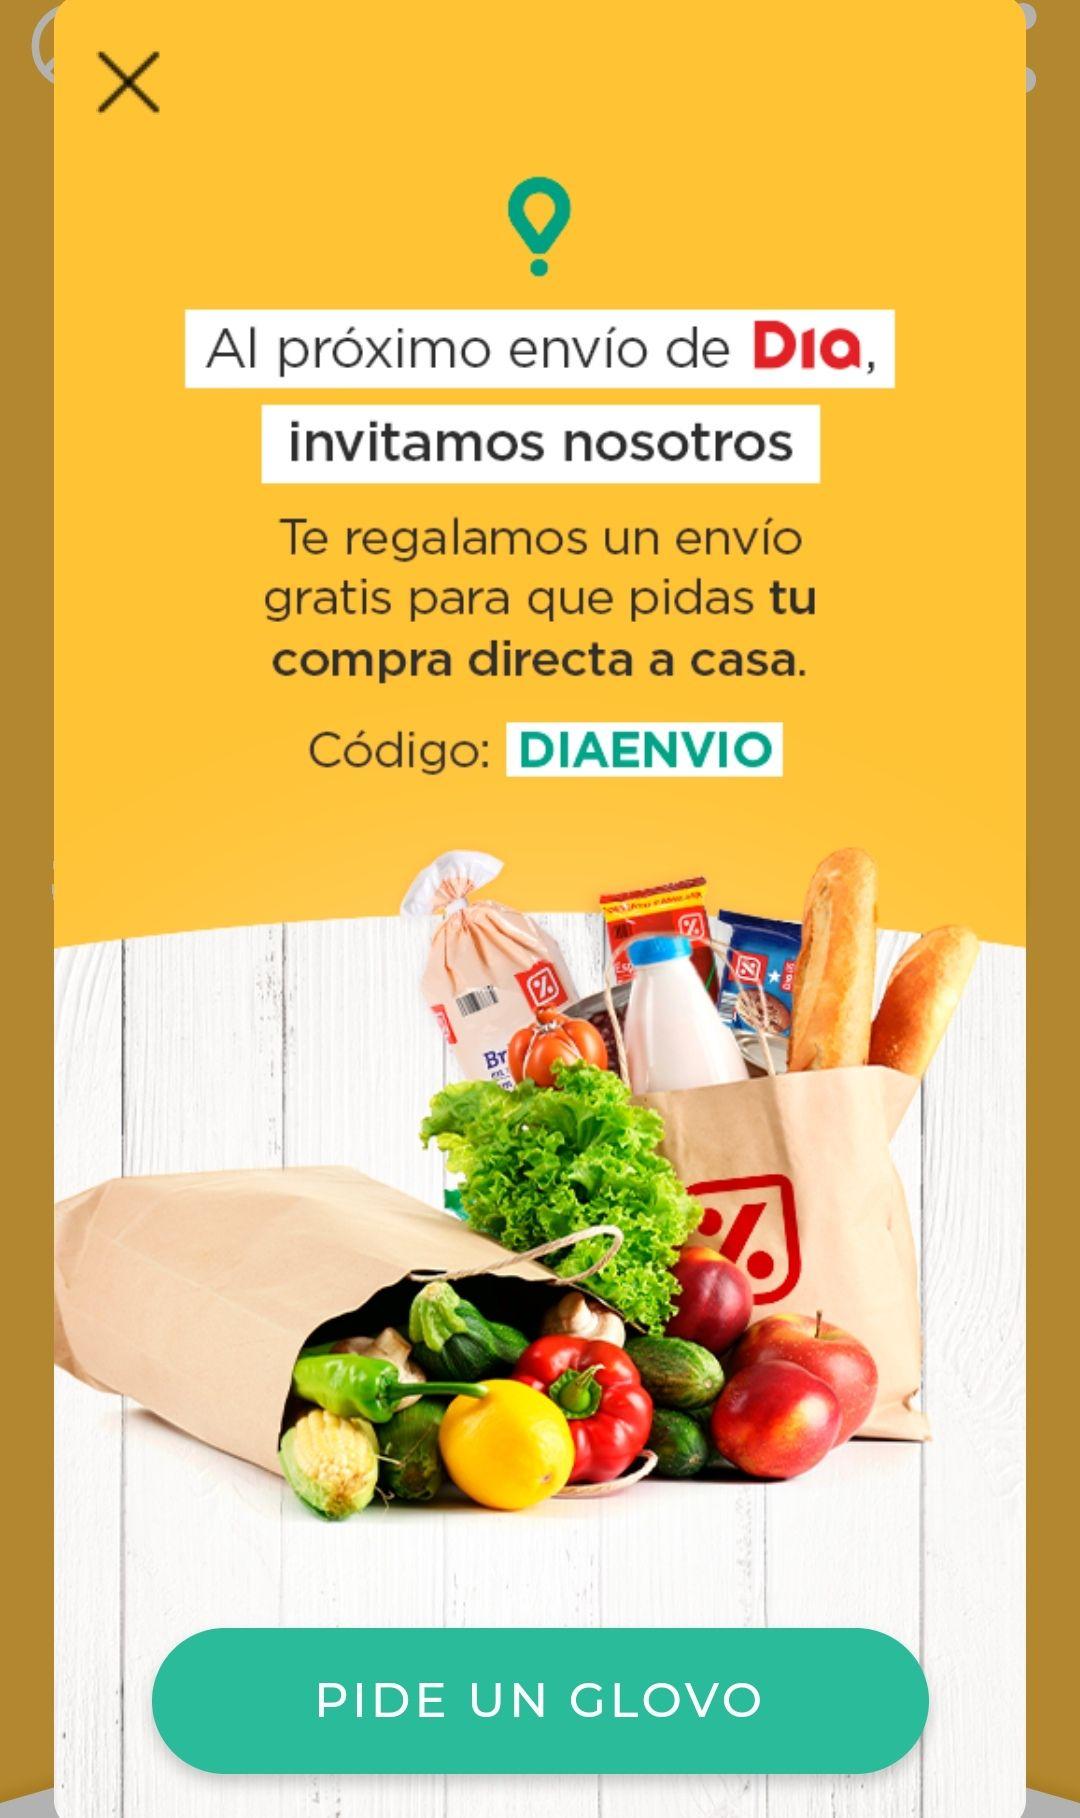 Vuelve envío gratis en supermercado DIA a través de GLOVO (primer pedido)